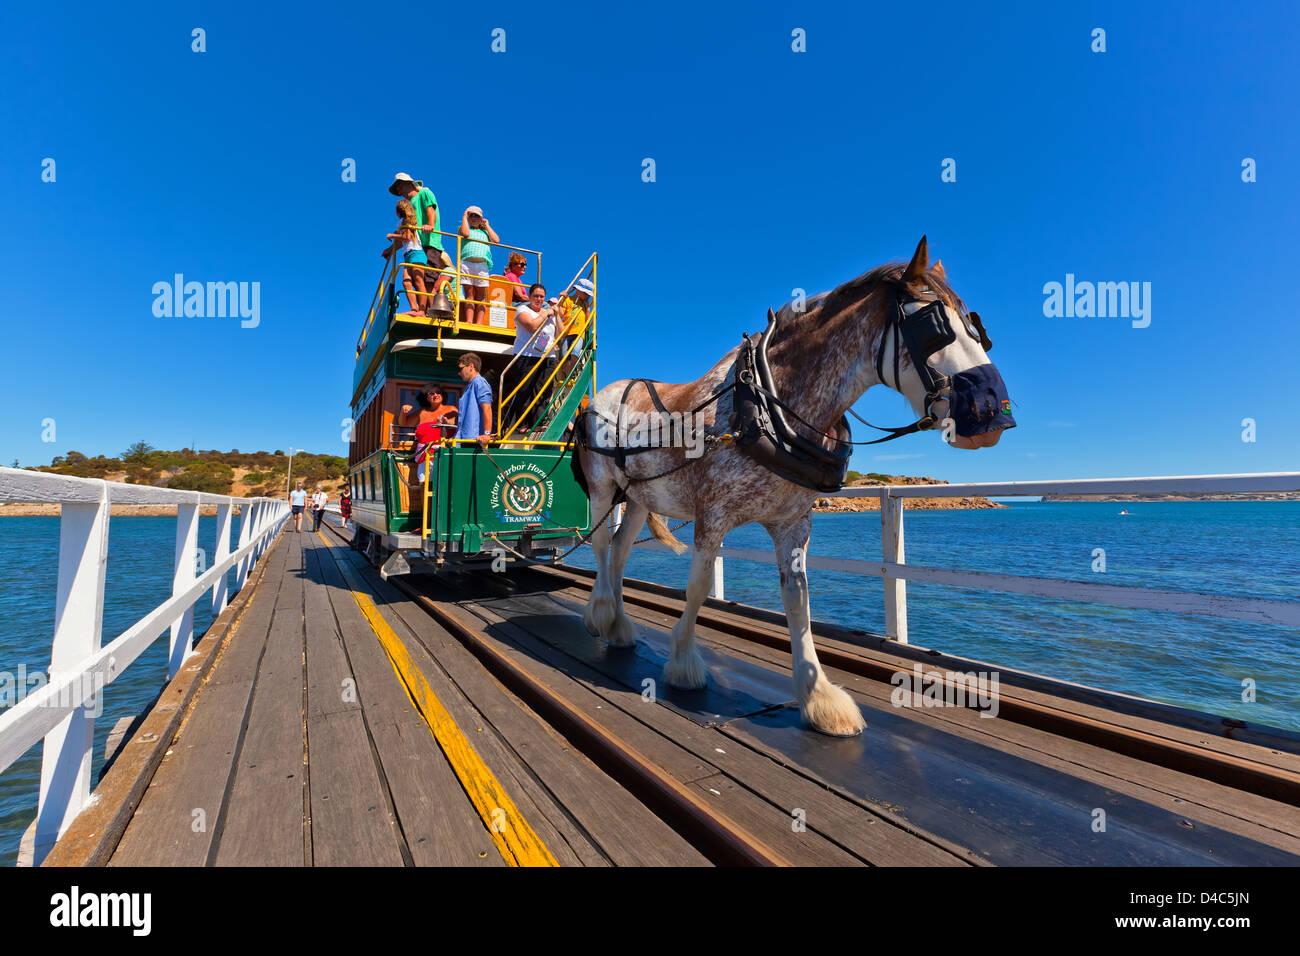 Granite Island Pferden gezogene Straßenbahn Menschen Tourismus Touristen Clydesdale historische Victor Harbor Stockbild